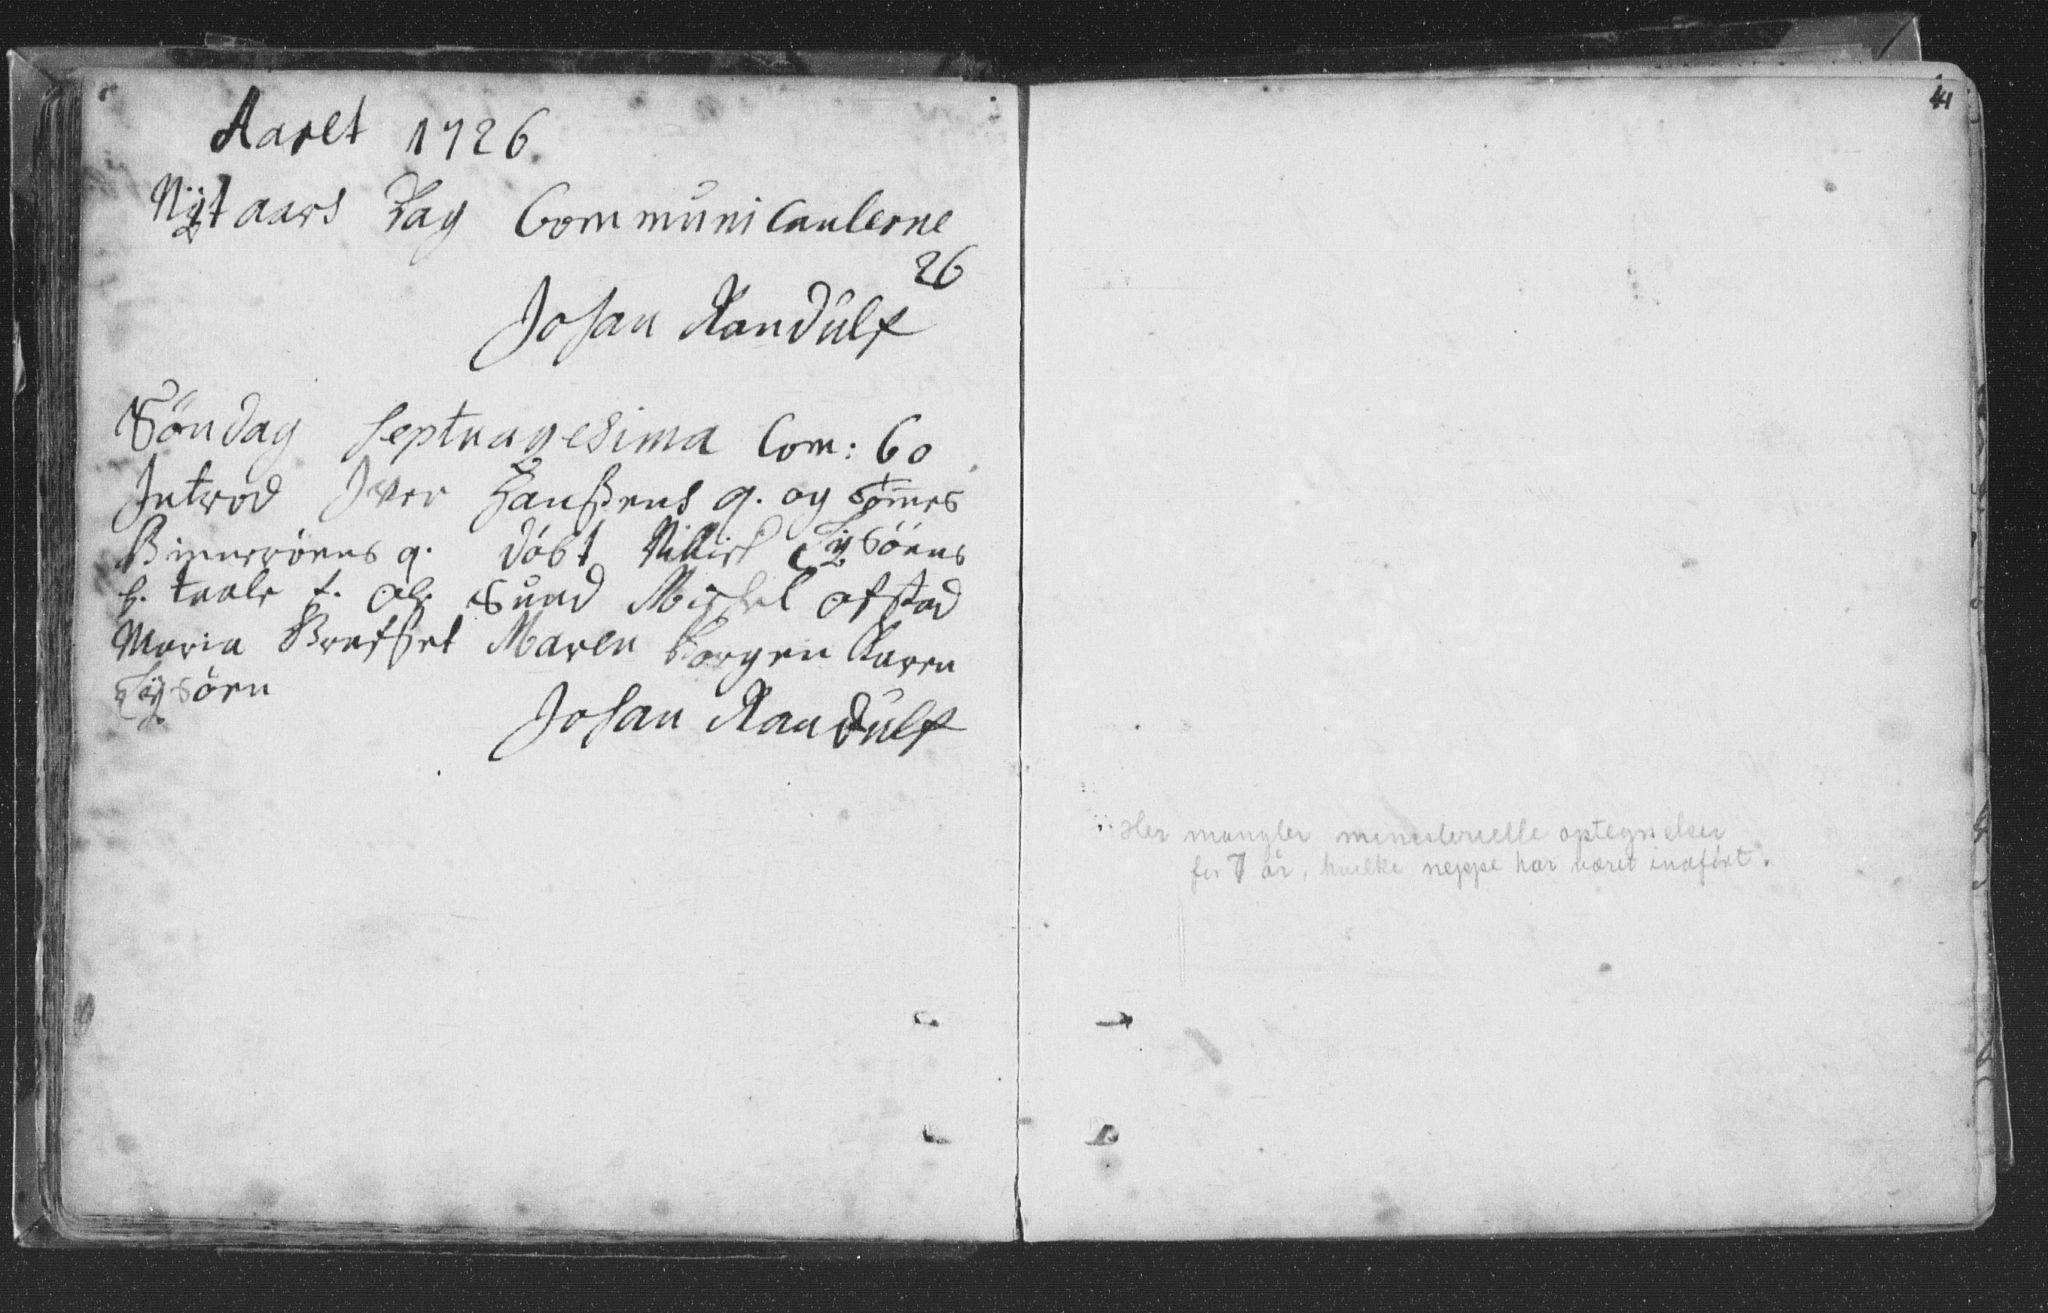 SAT, Ministerialprotokoller, klokkerbøker og fødselsregistre - Nord-Trøndelag, 786/L0685: Ministerialbok nr. 786A01, 1710-1798, s. 41